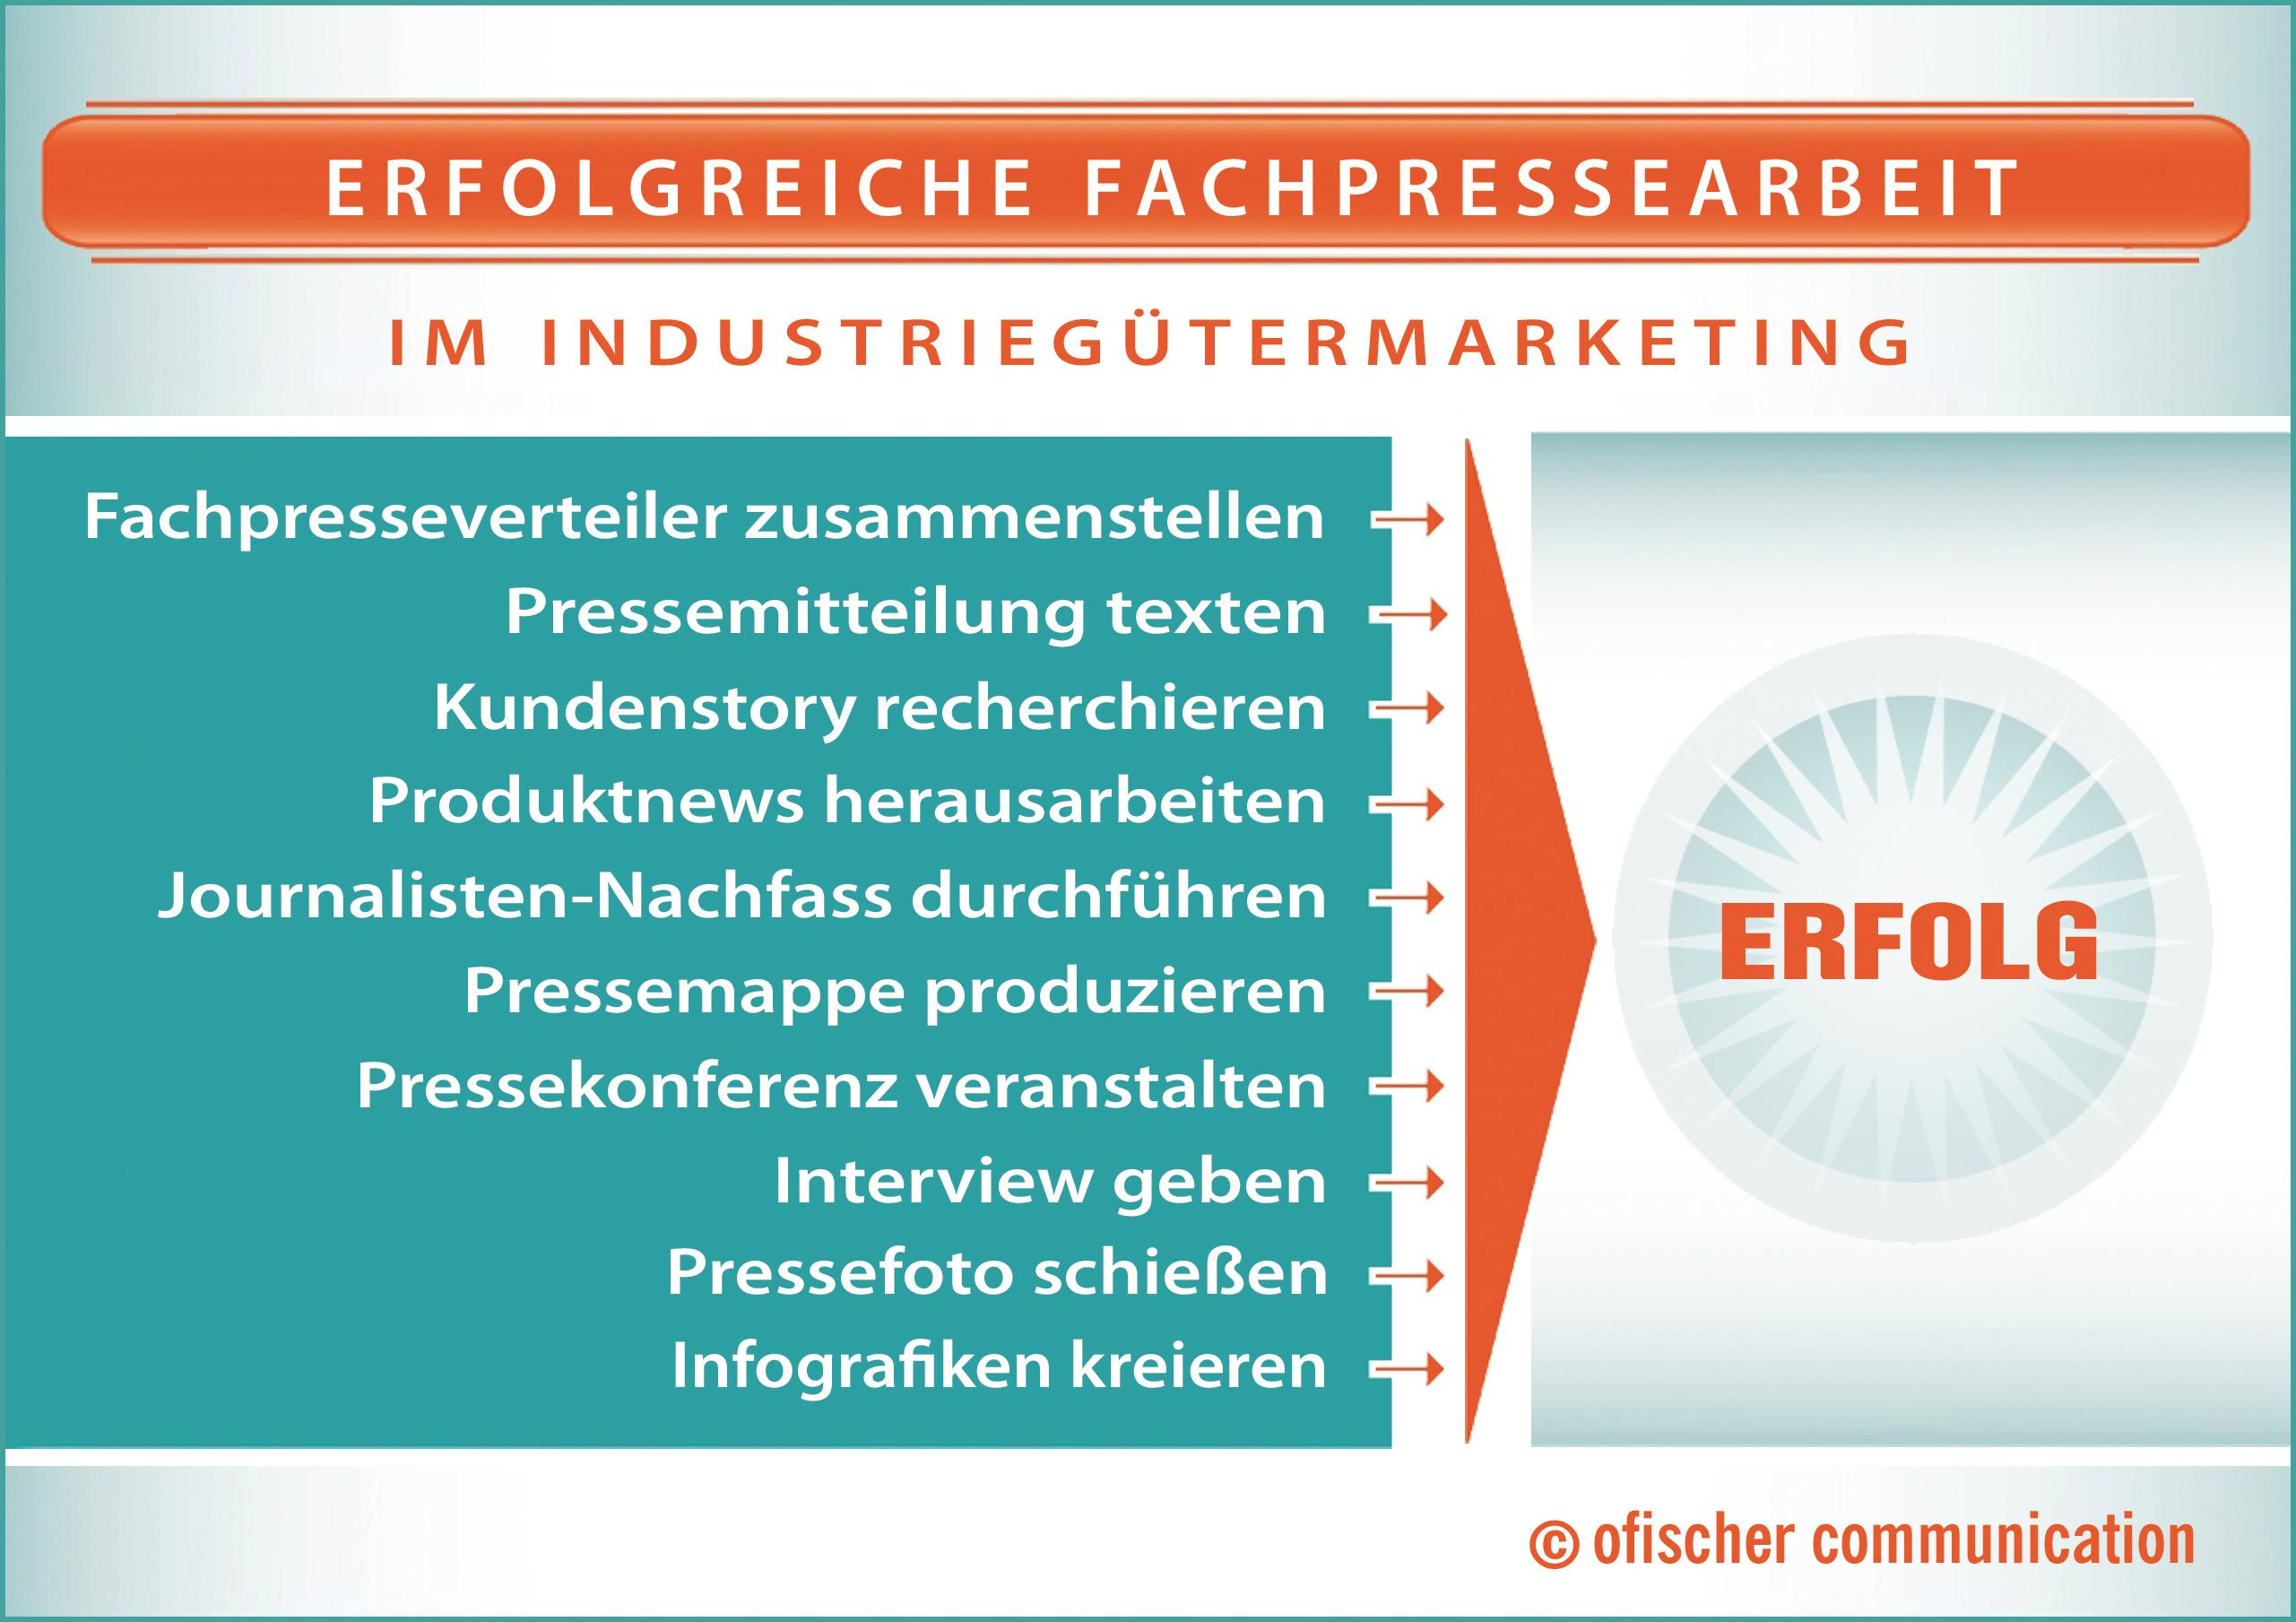 Agentur für erfolgreiche b2b-Fachpressearbeit Stahl und Metall.